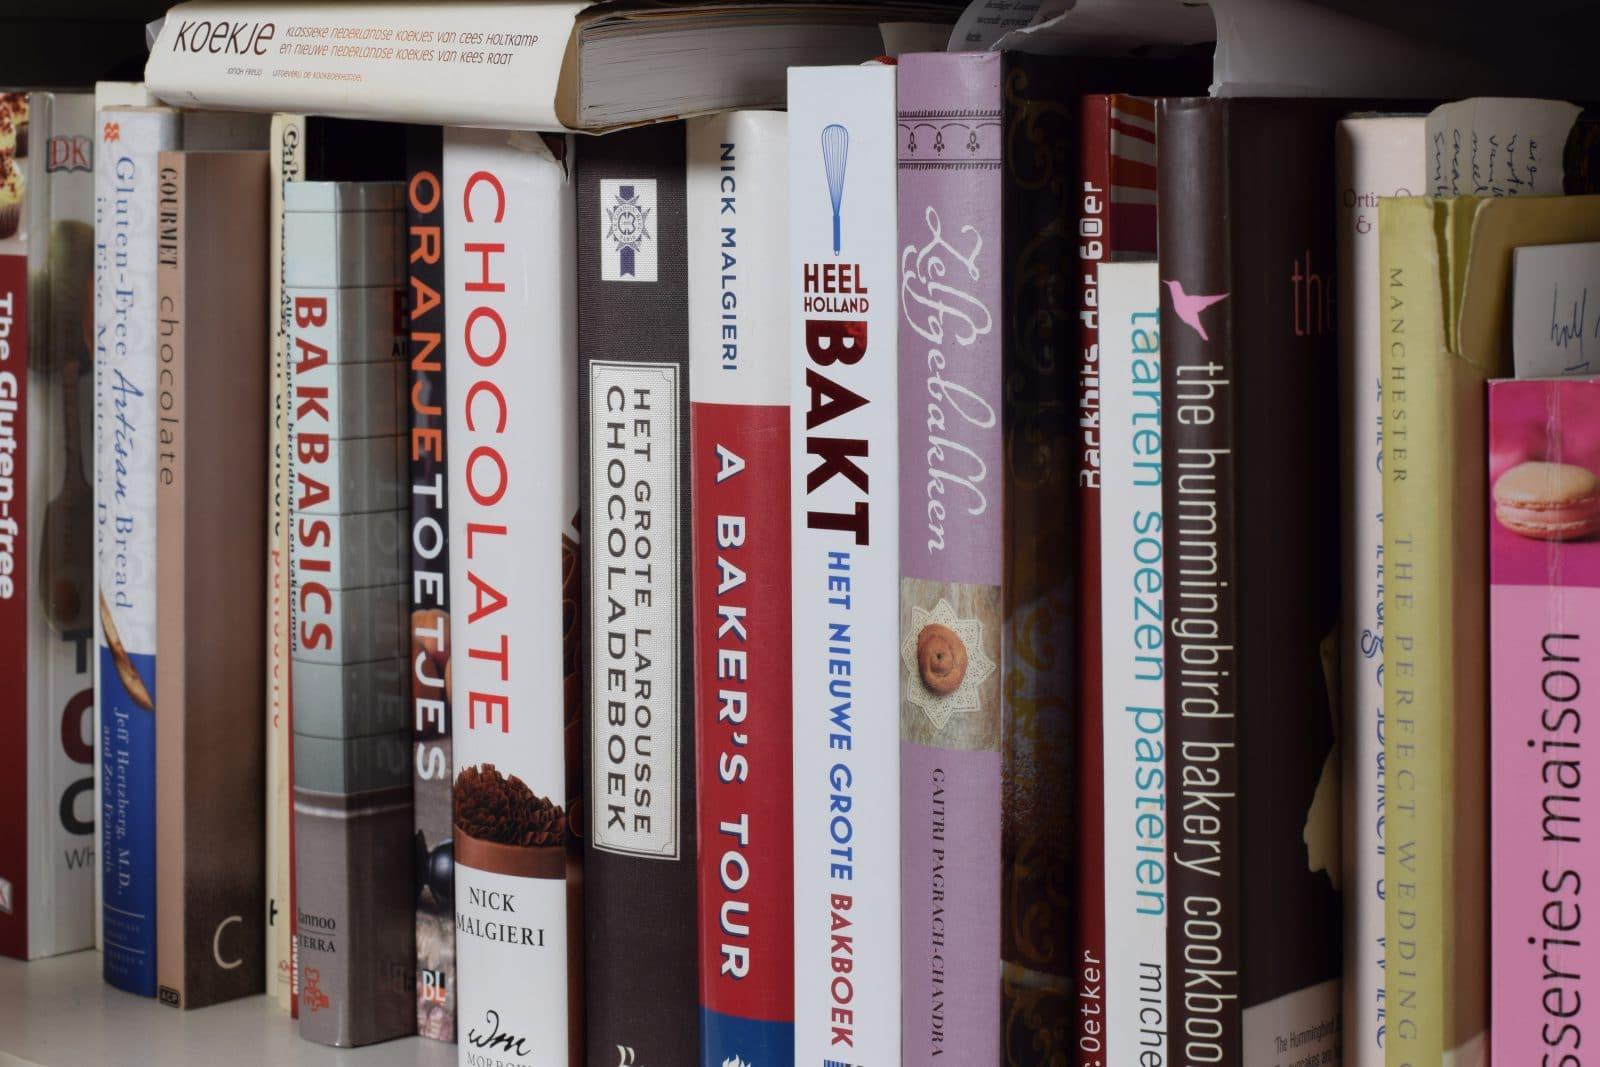 Rij met kook- en bakboeken in de kast